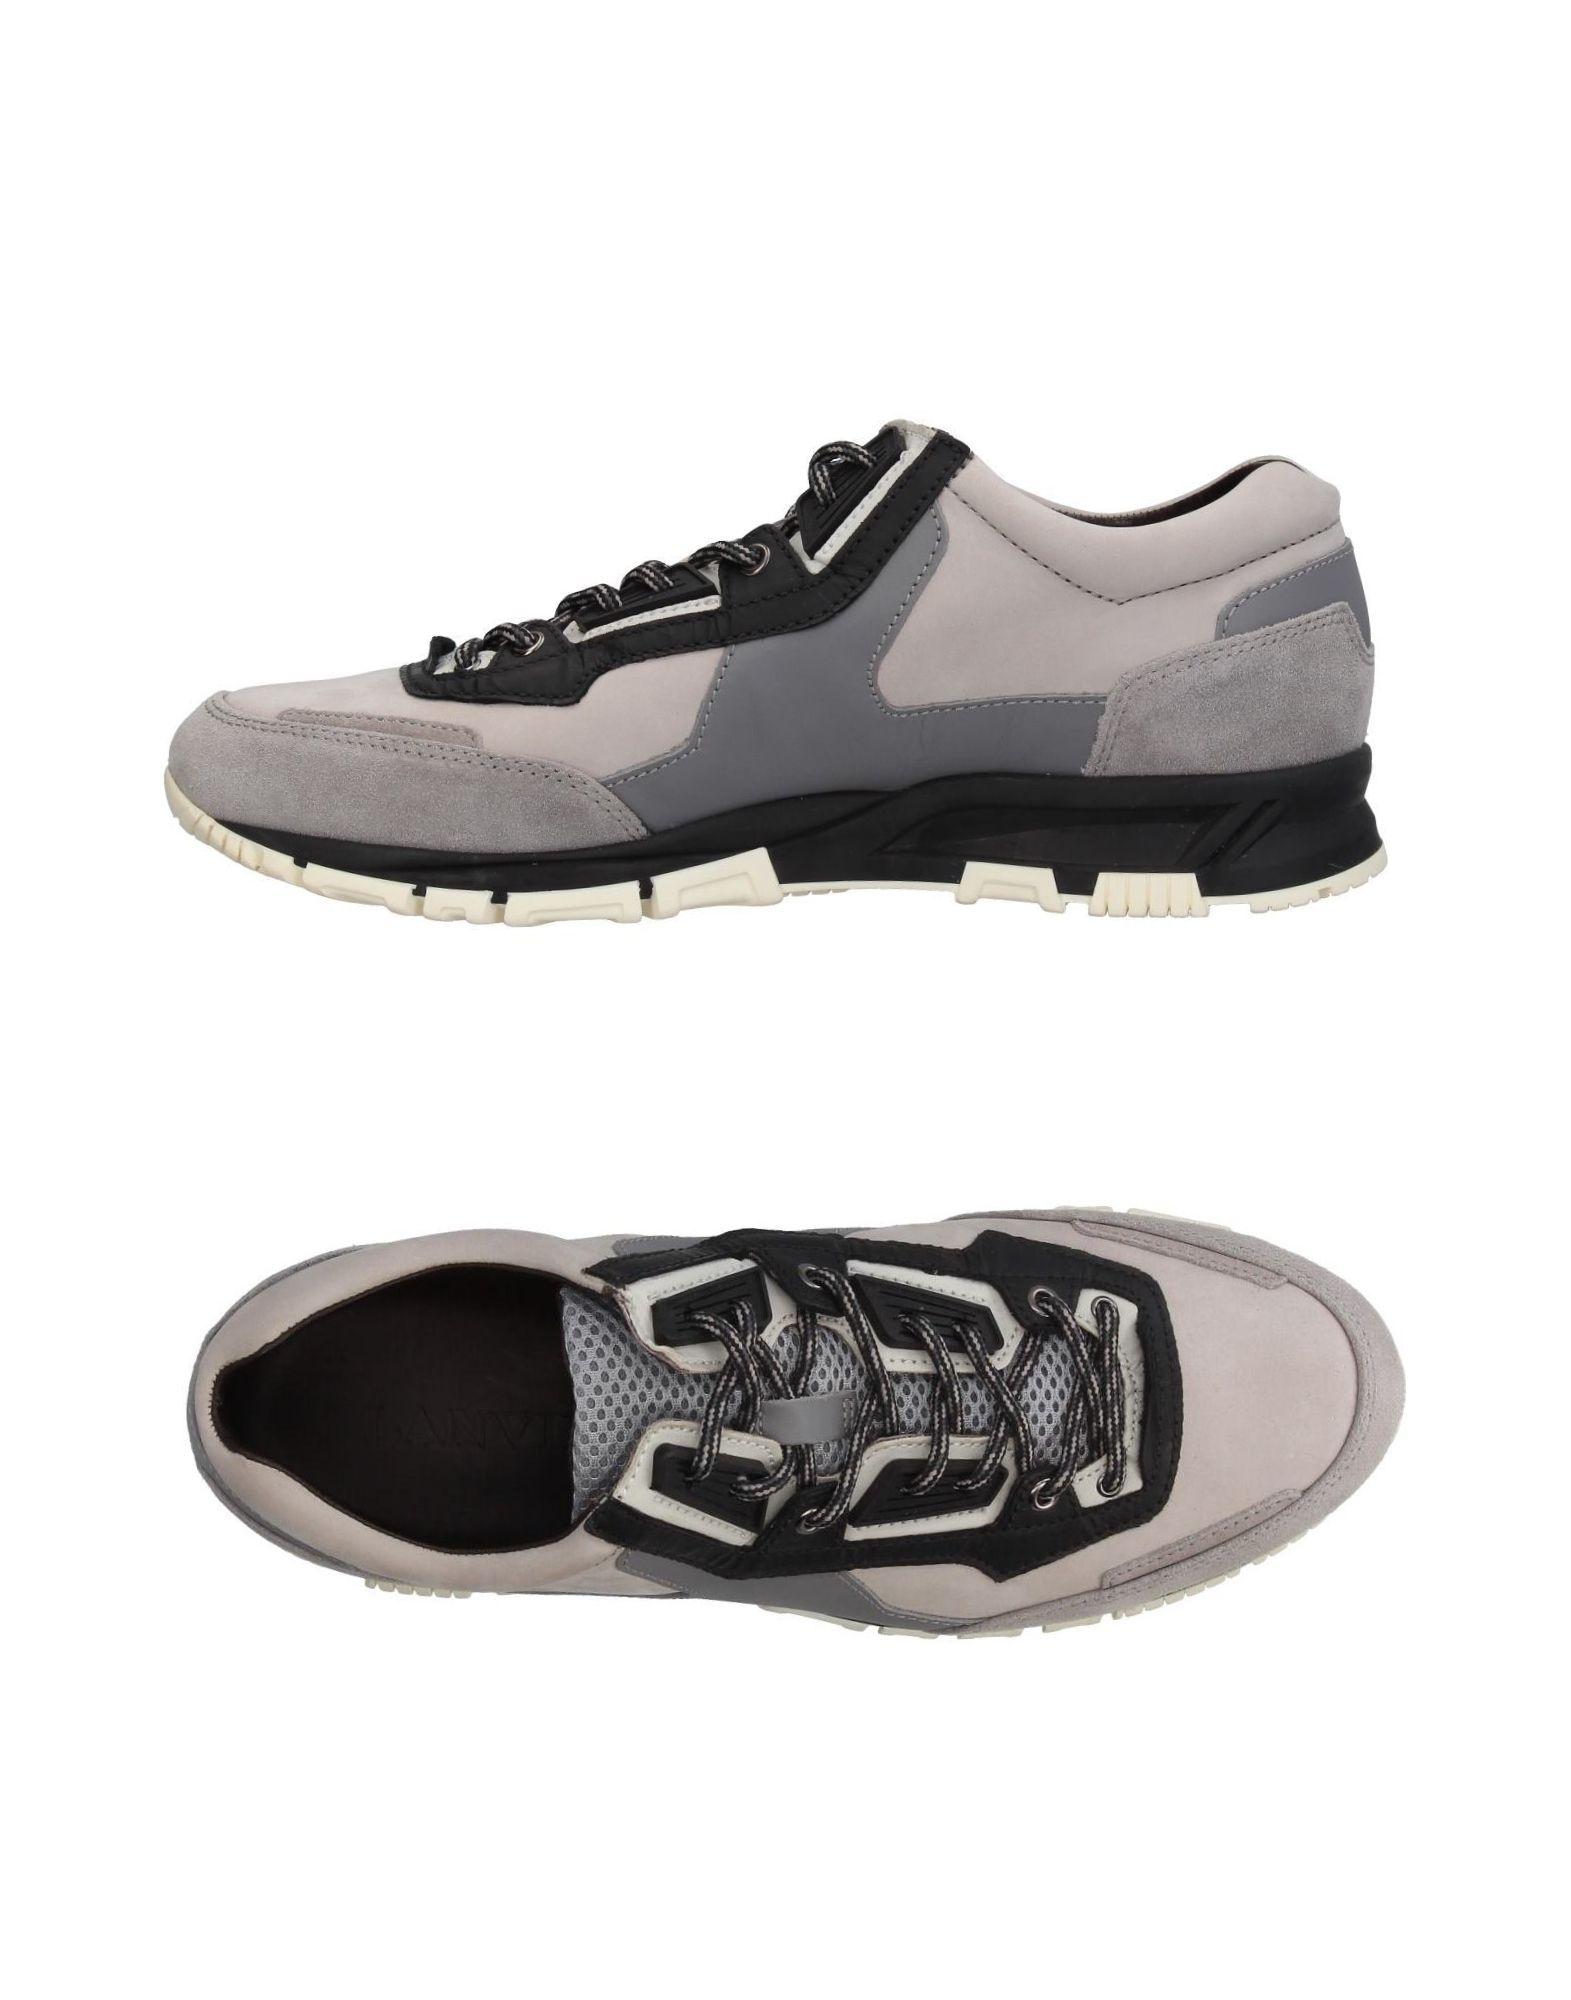 Lanvin Sneakers Herren  11379663UK Gute Qualität beliebte Schuhe